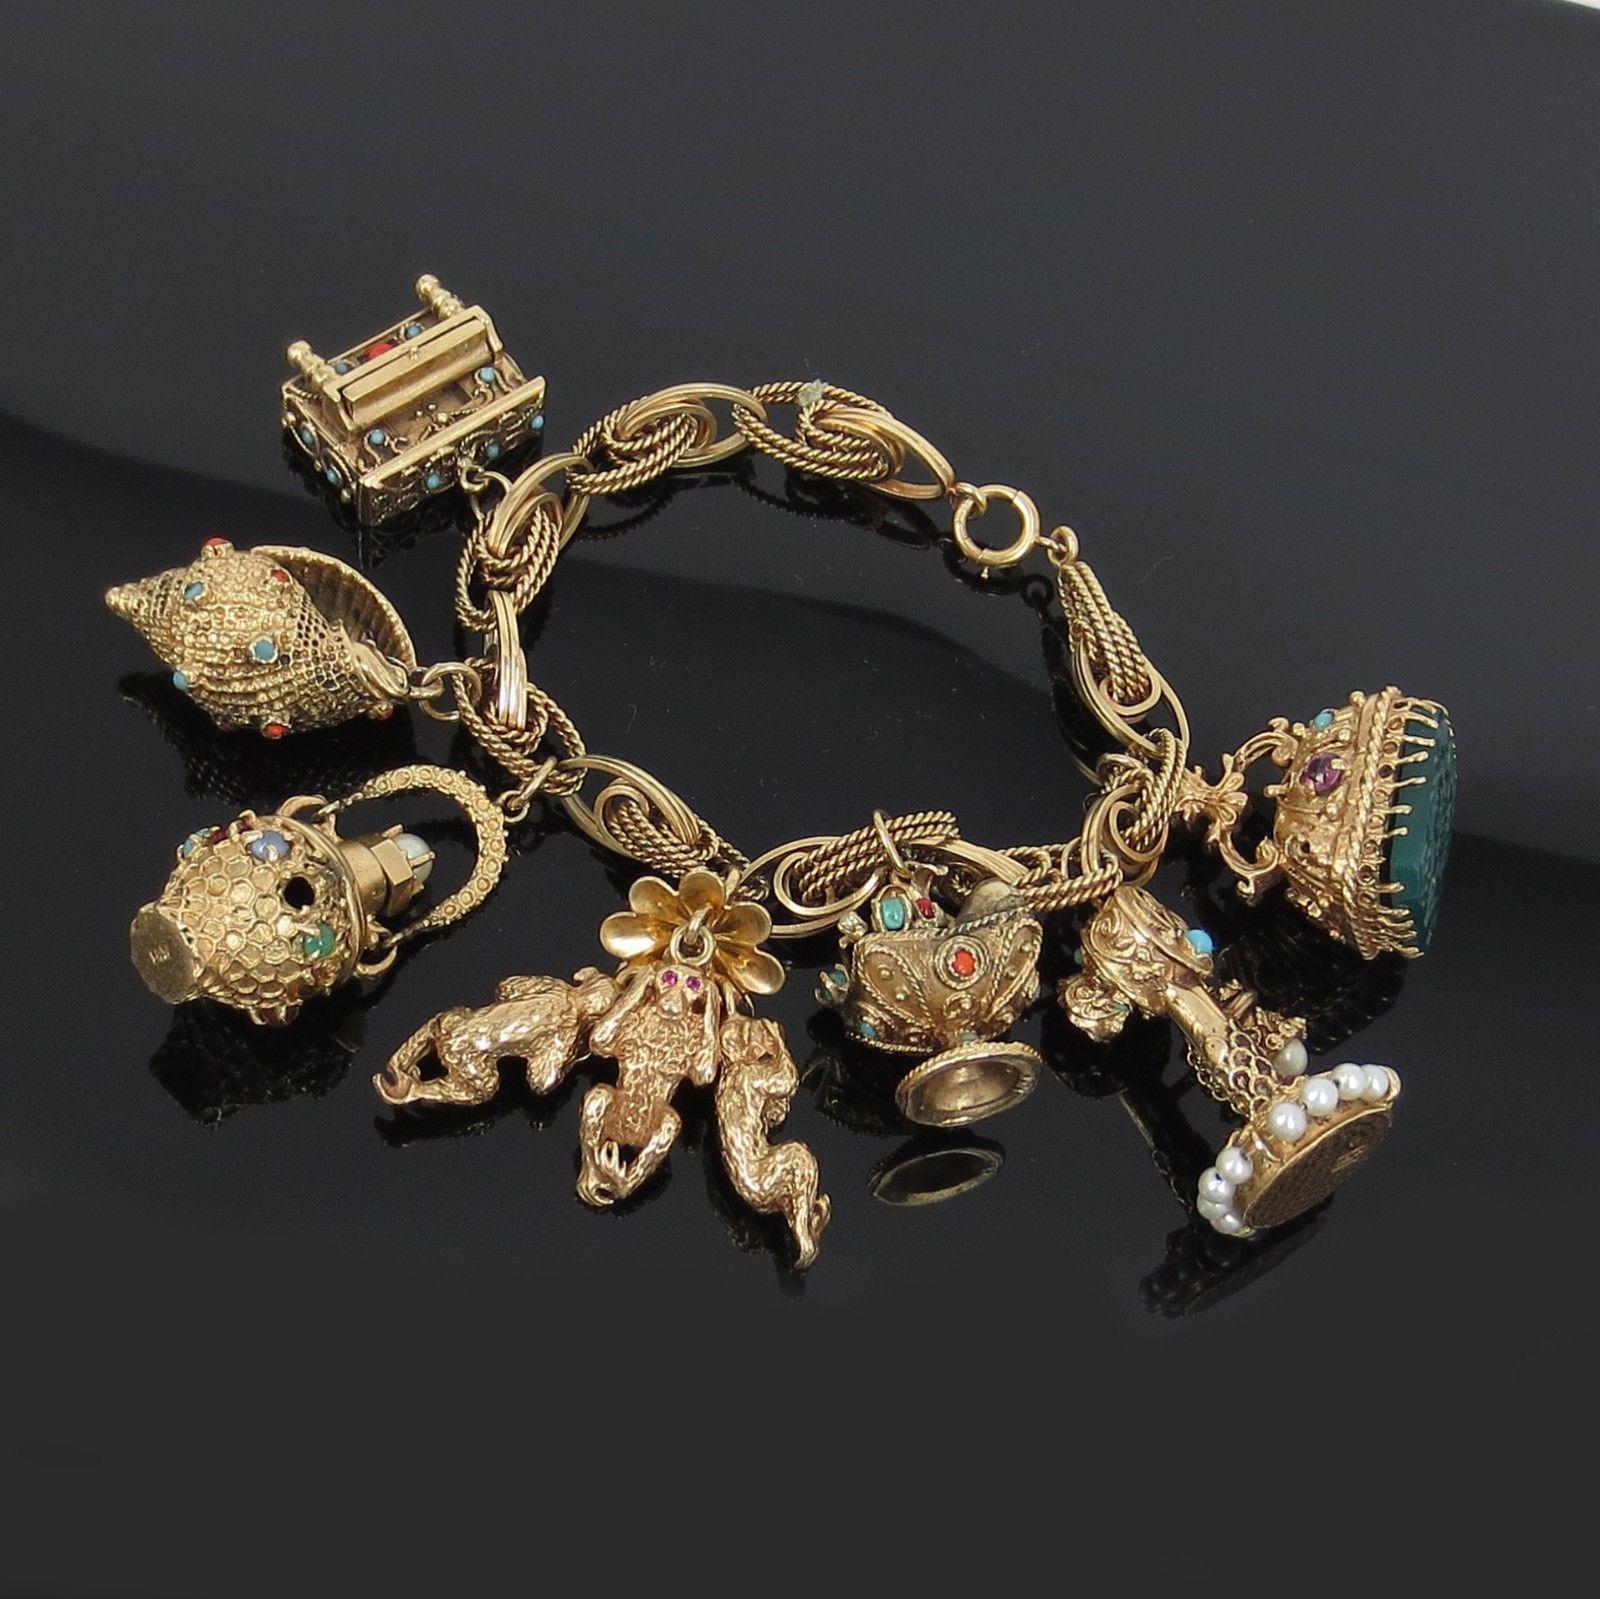 Vintage 14k Gold Charm Bracelet: Details About VINTAGE 14K YELLOW GOLD MULTI-GEMSTONE